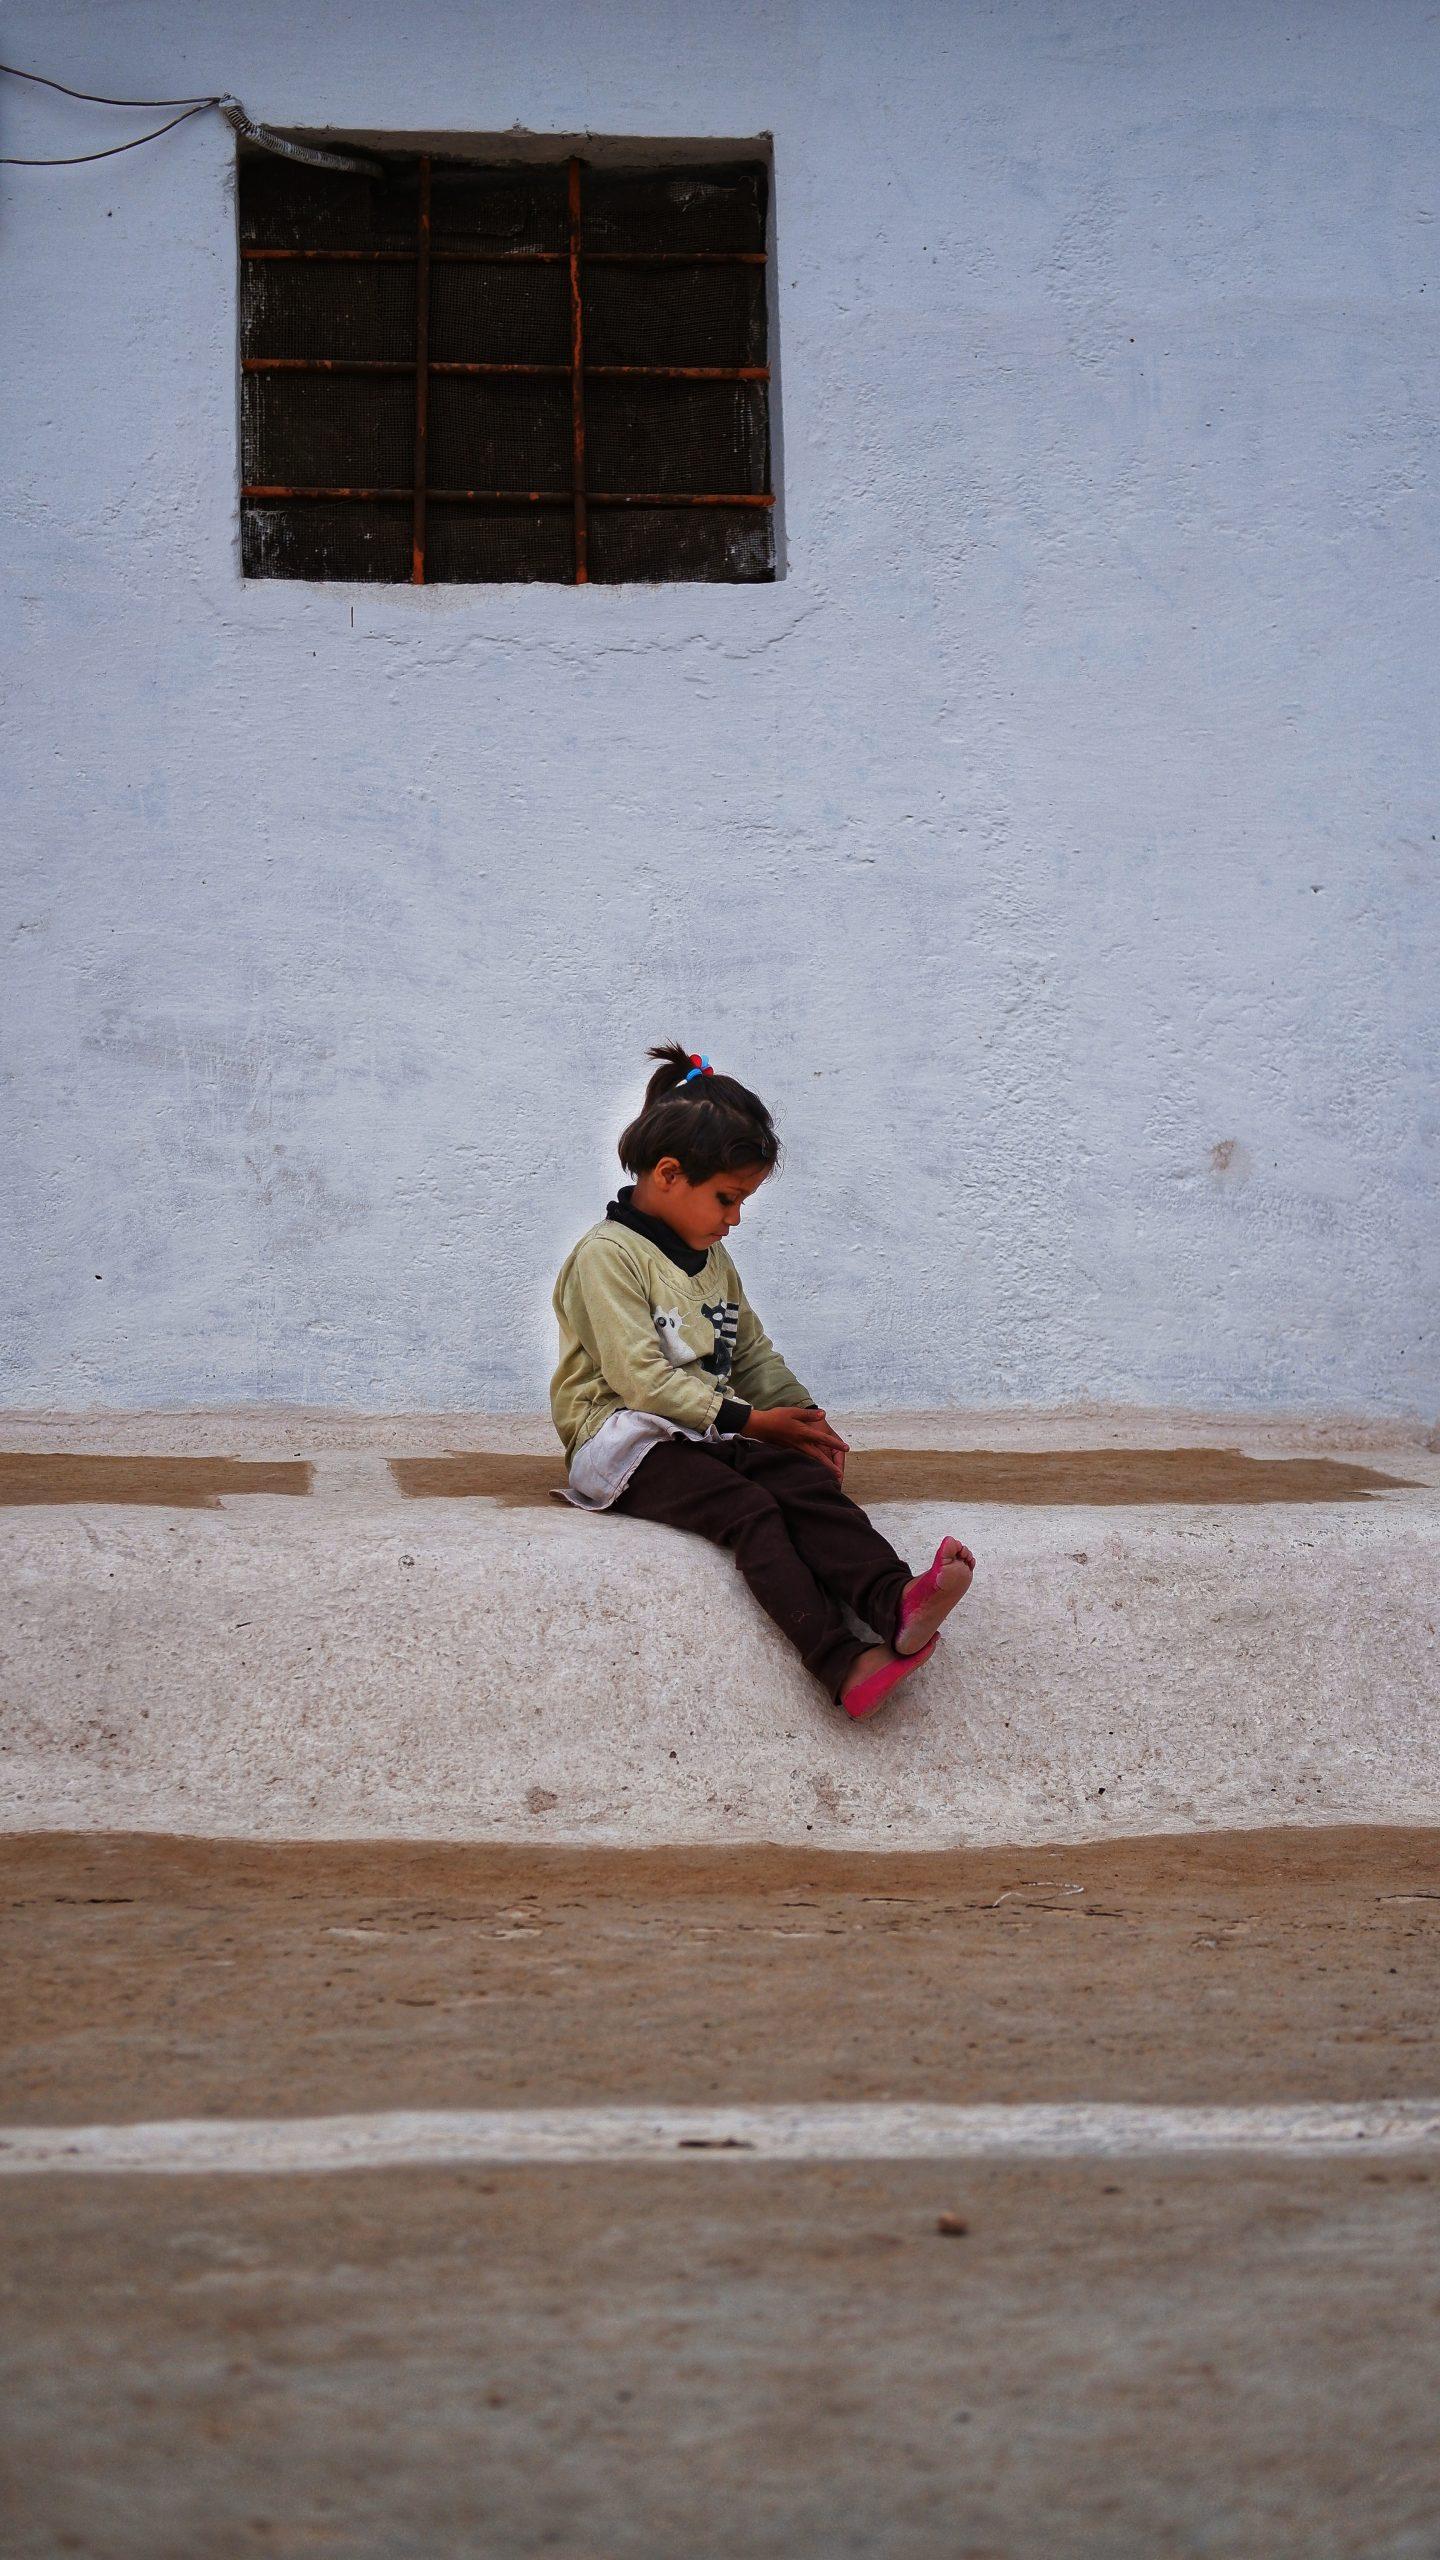 A village kid